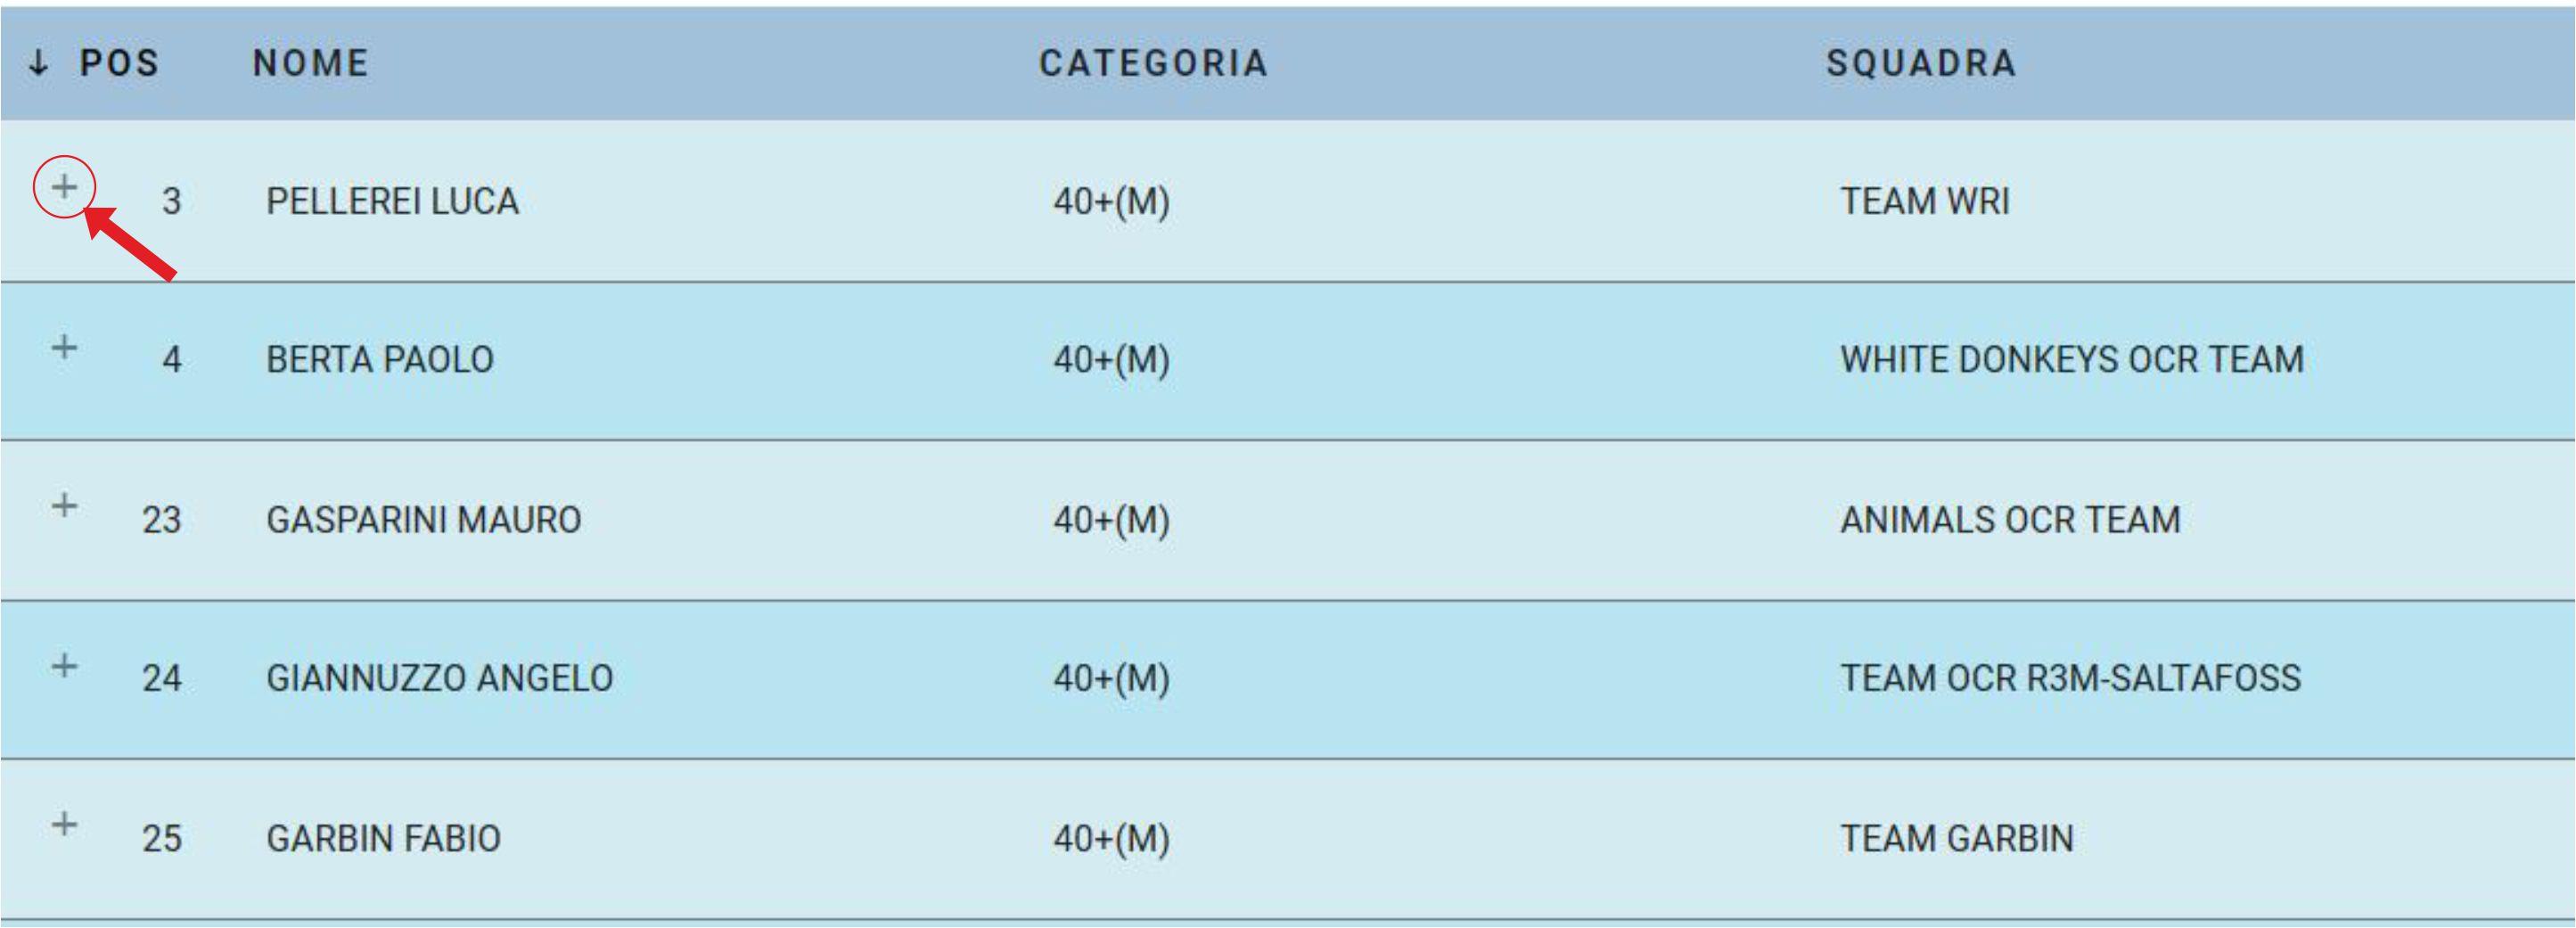 Calendario Prima Categoria Sardegna.Classifiche Sardegna Federazione Italiana Ocr